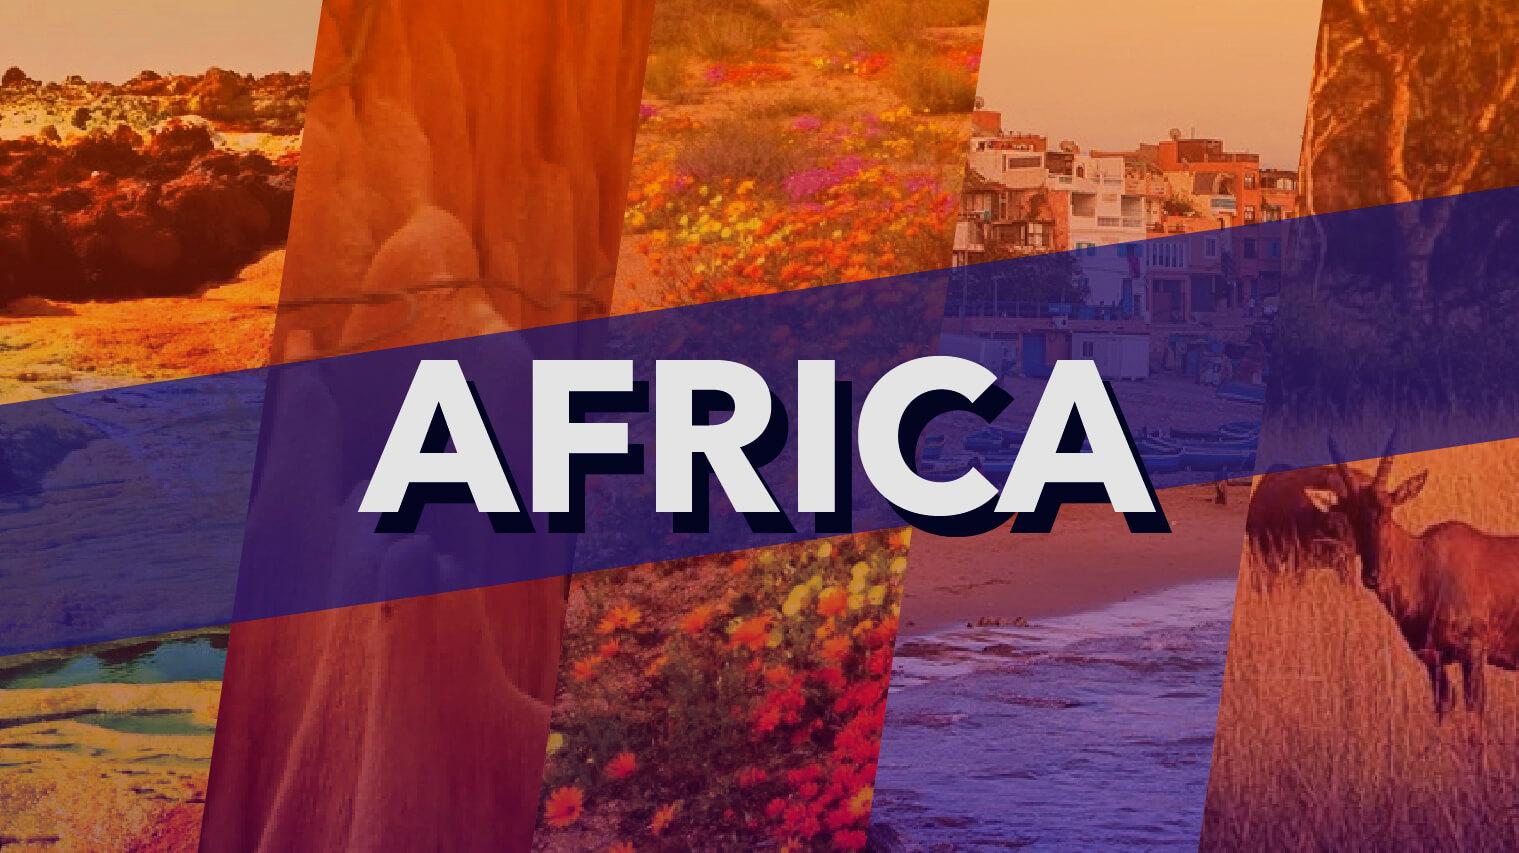 FIVE INCREDIBLE NATURAL WONDERS OF AFRICA — IKOT PH